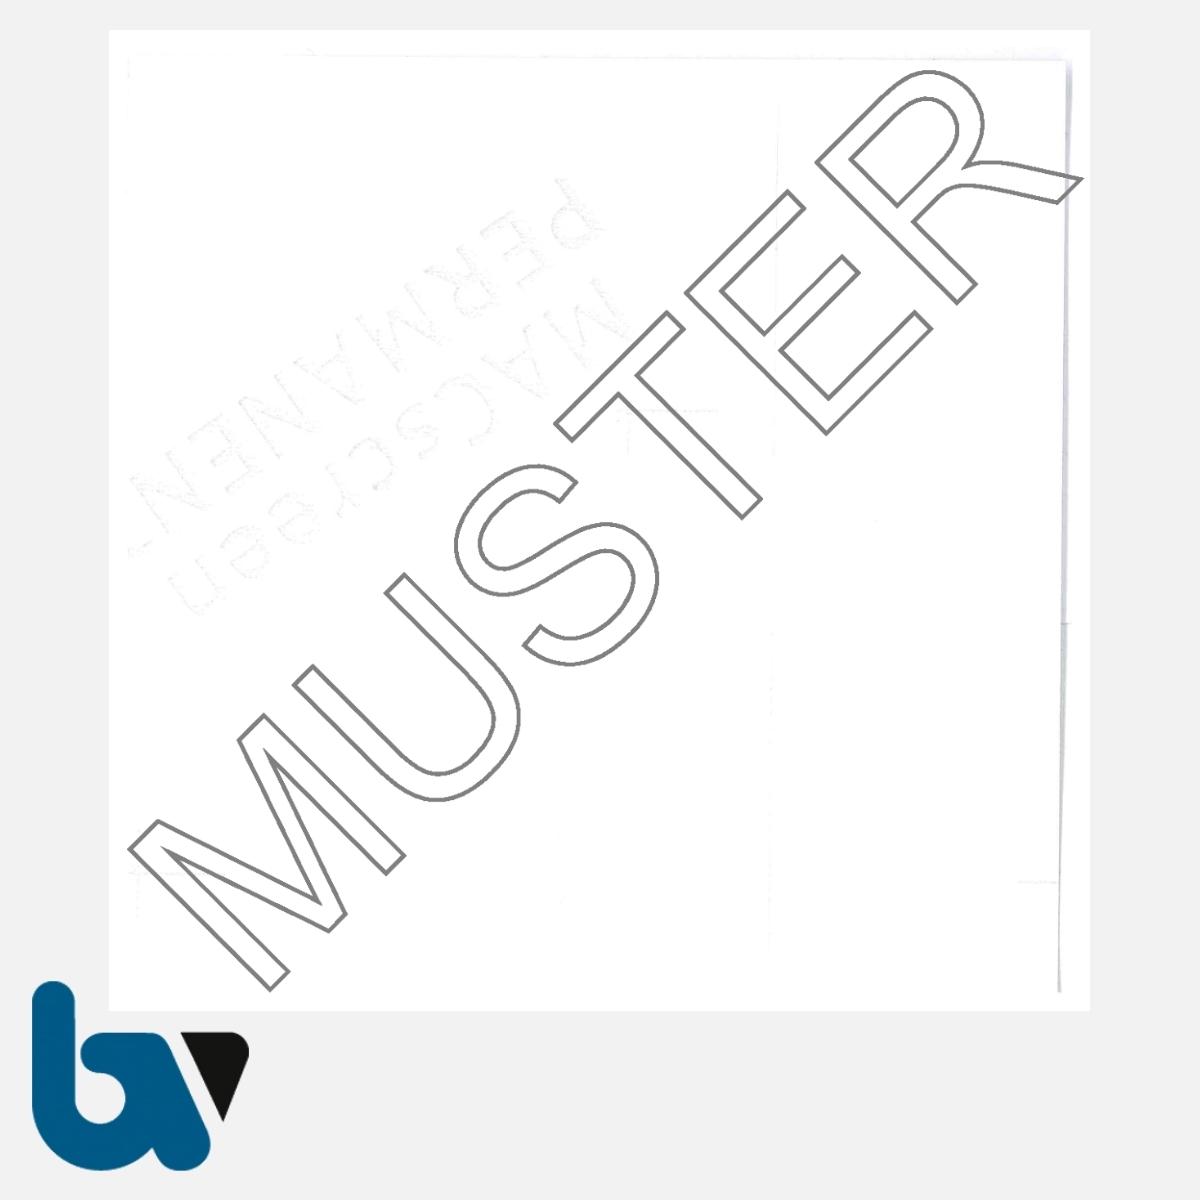 0/685-21.1 Außen-Aufkleber mit Rollstuhlfahrer-Symbol selbstklebend geschlitzt RS | Borgard Verlag GmbH